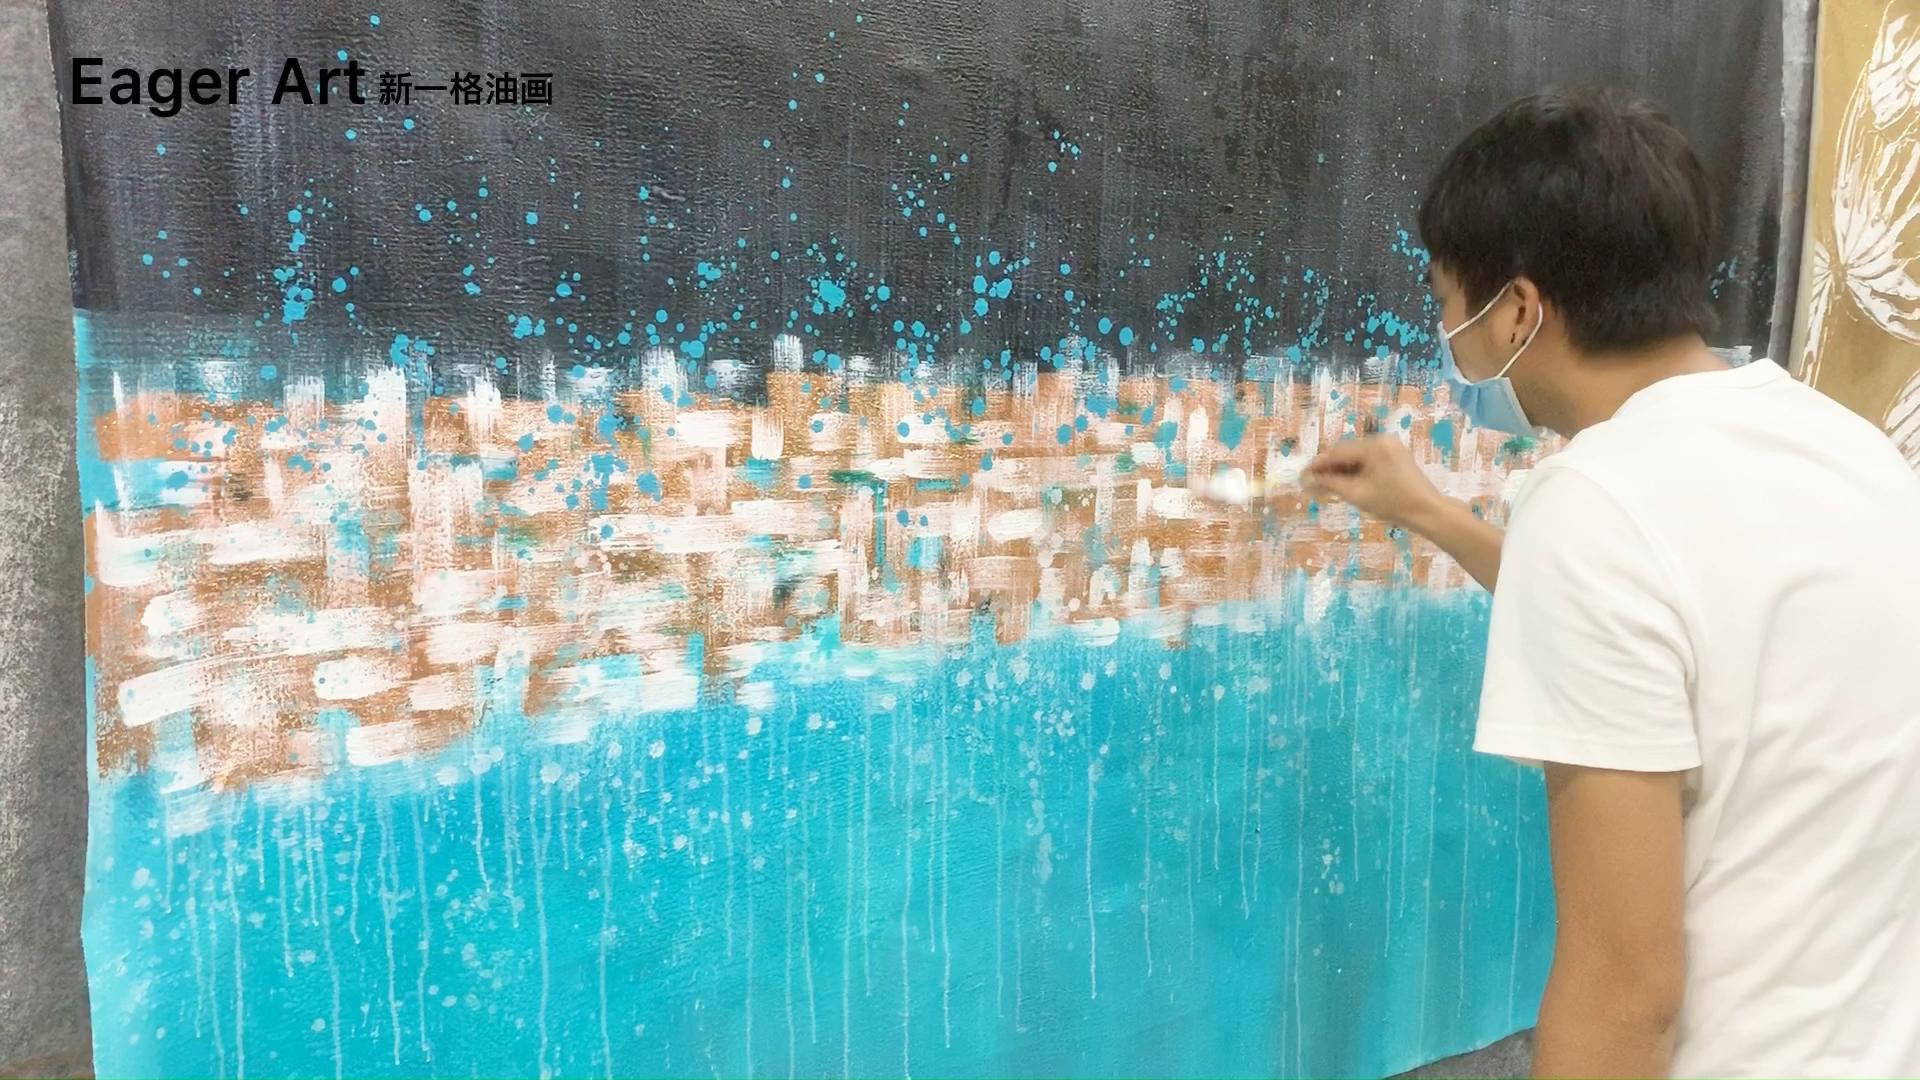 Высококачественная Настенная картина Dafen с рамкой для оформления гостиничного проекта, Картина на холсте ручной работы